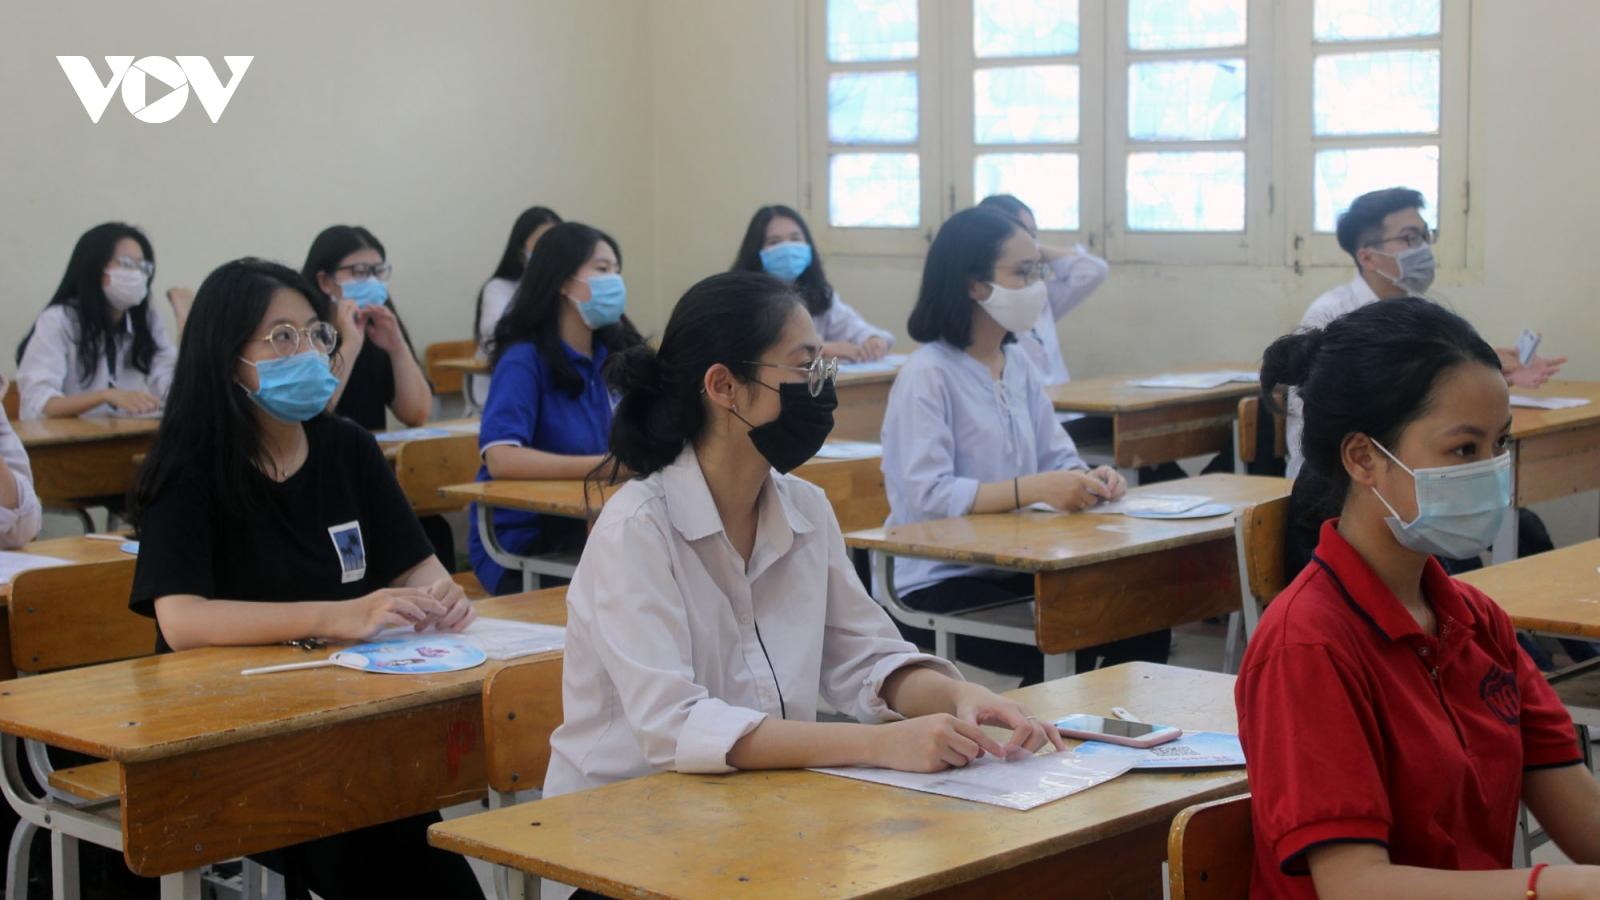 Sở GD-ĐT Bắc Ninh chuẩn bị phương án cho các kỳ thi trong dịch Covid-19